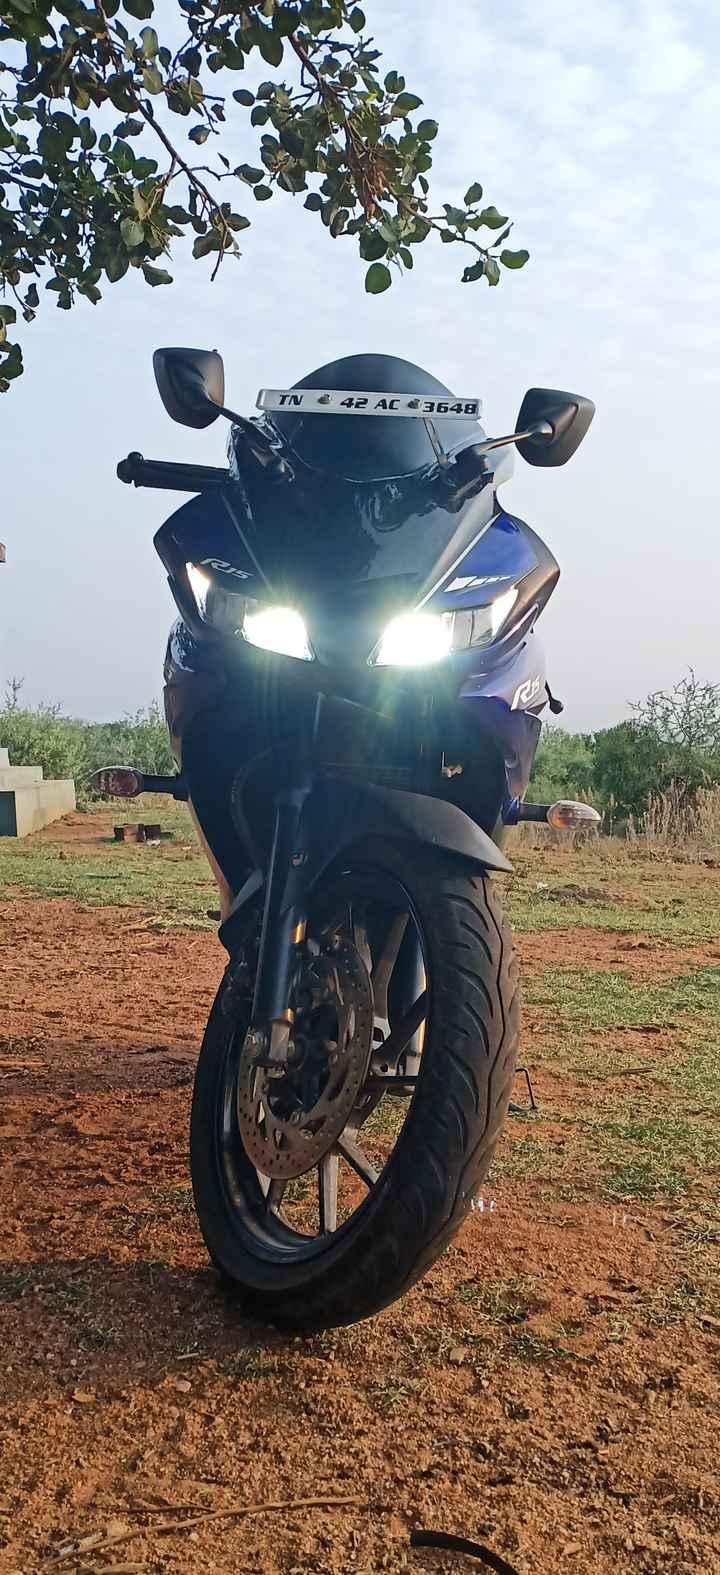 பைக் & கார் - TN 42 AC 23648 - ShareChat